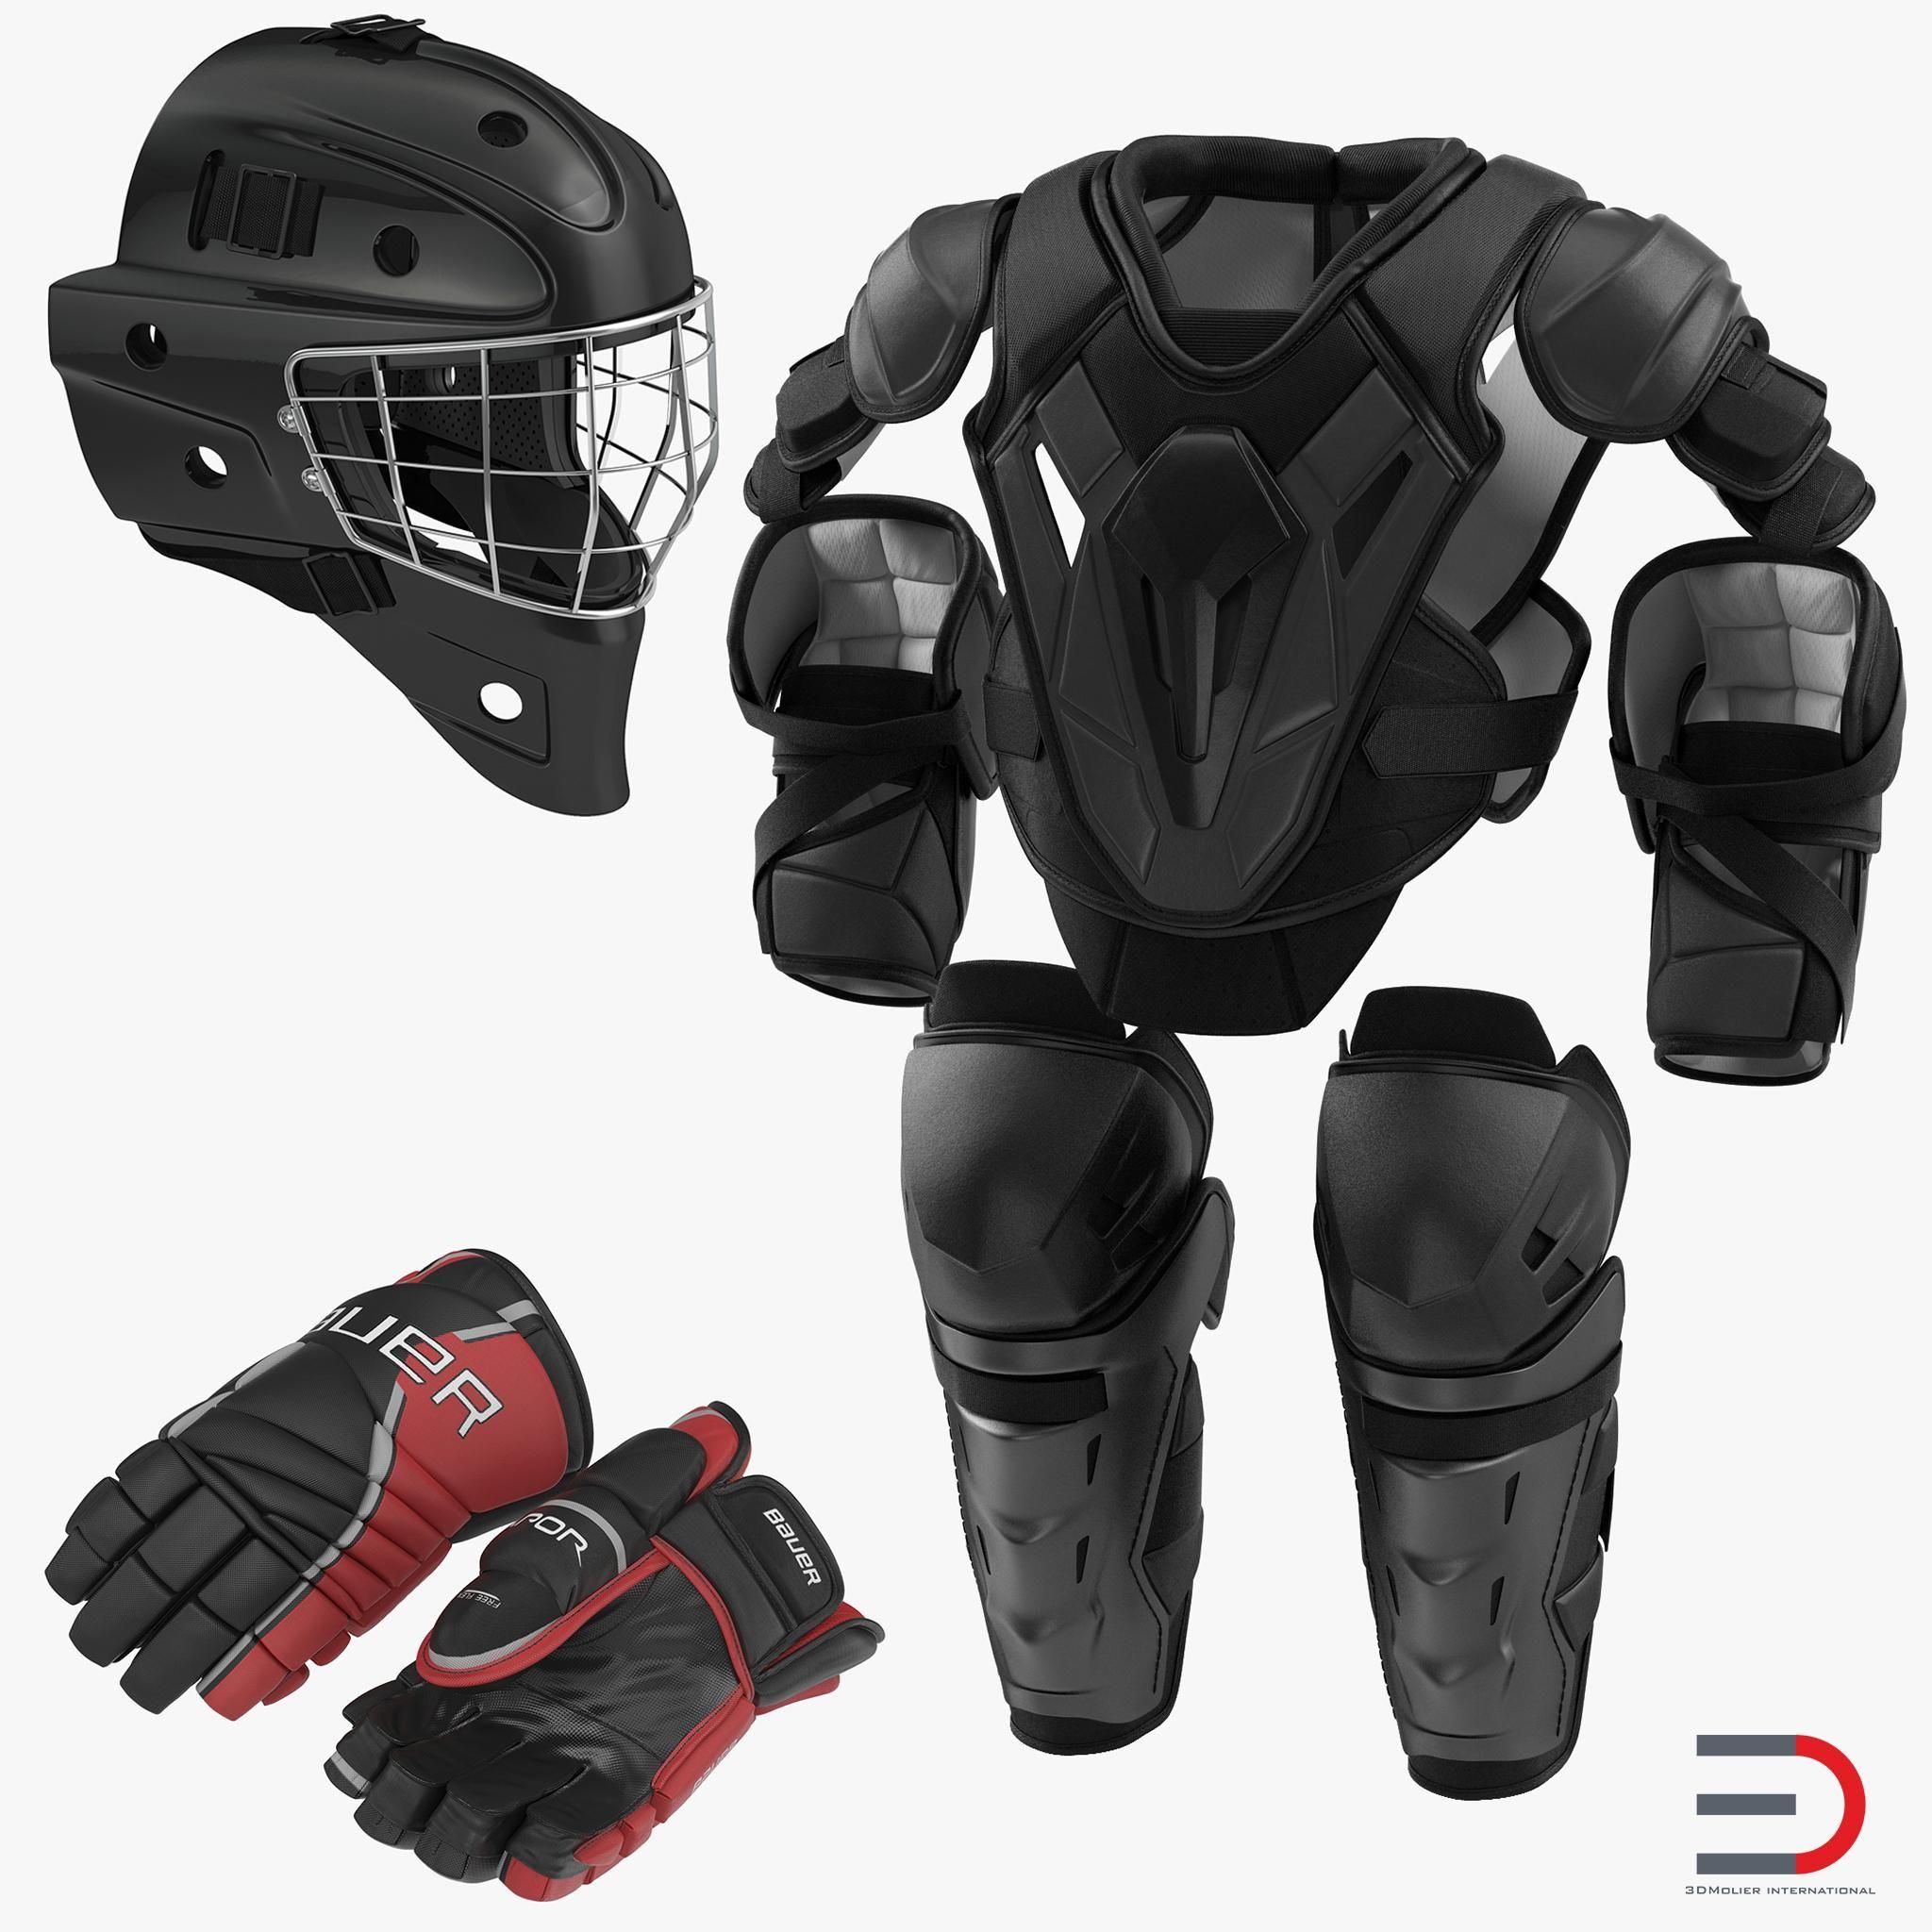 Hockey Protective Gear Kit 2 3d Model Ad Protective Hockey Gear Model Hockey Protective Gear Hockey Gear Hockey